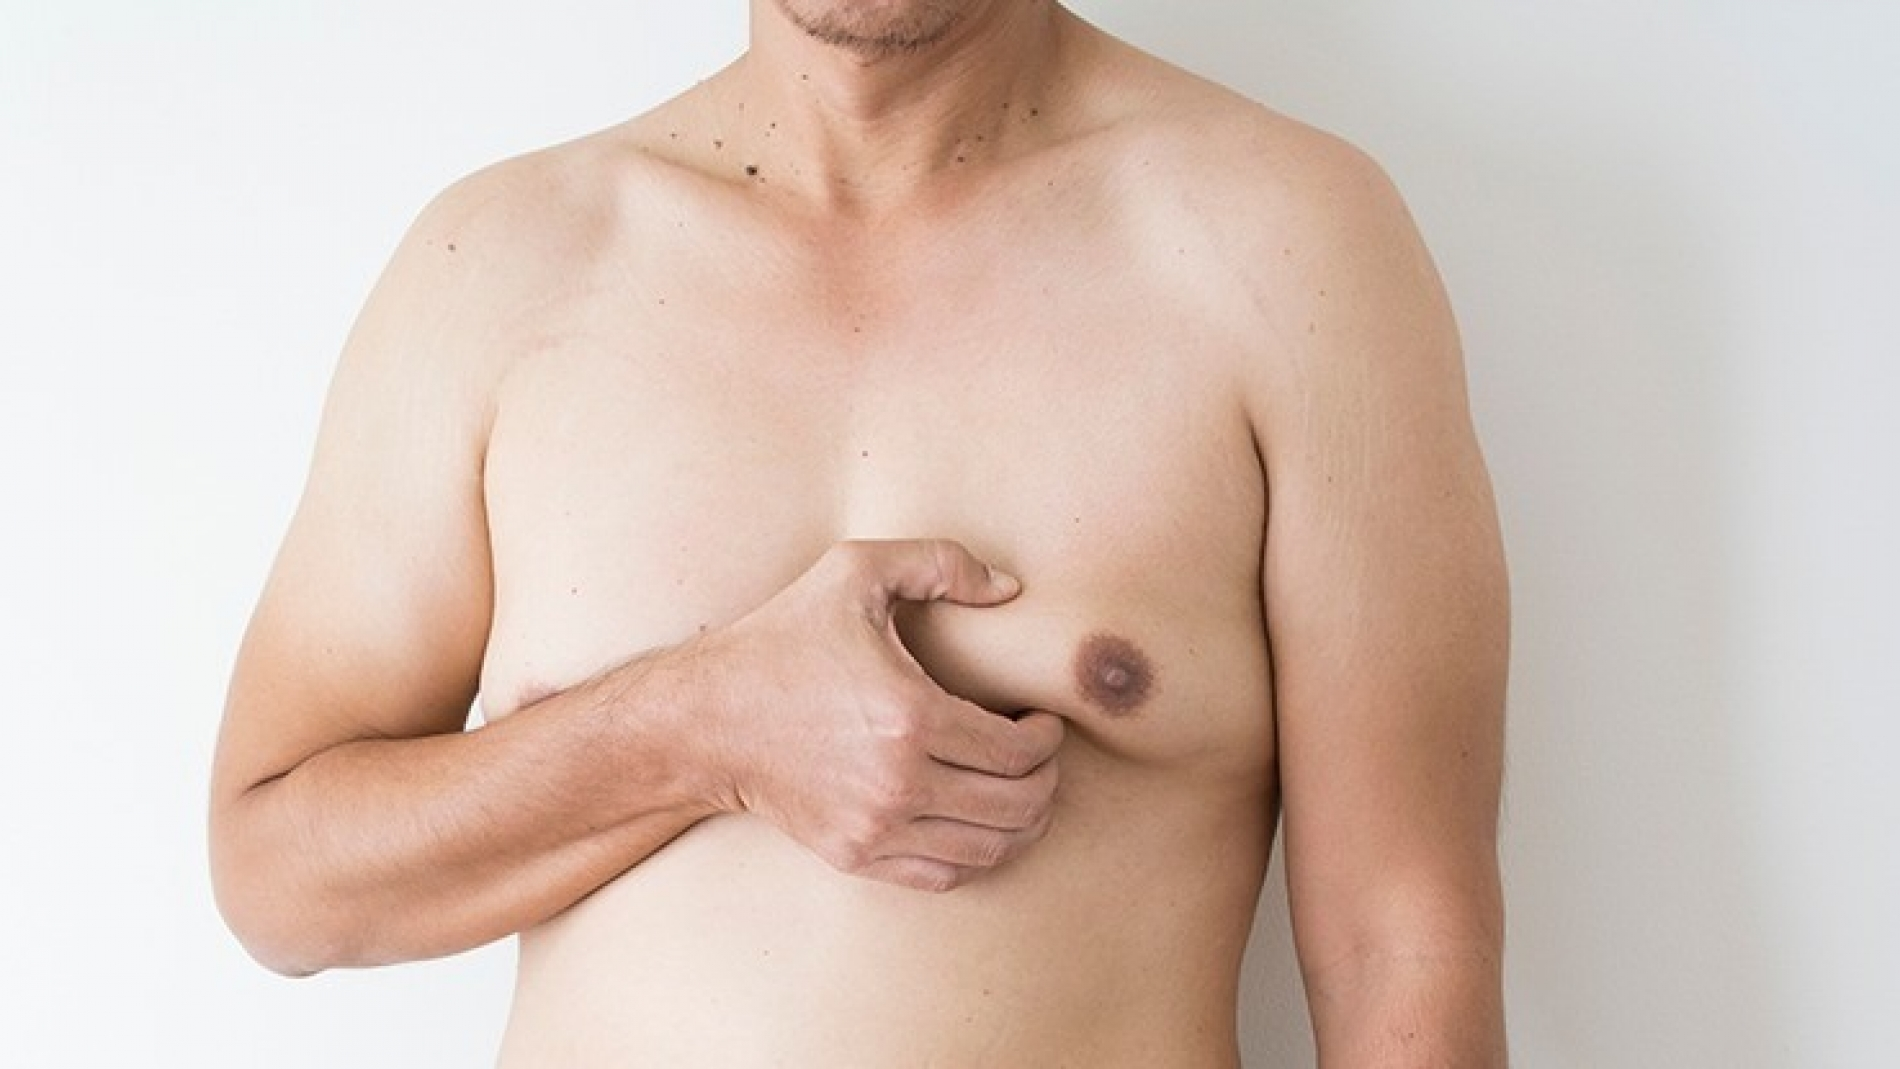 clinica de cirurgia plastica em santos dra ana lucia Ginecomastia crescimento de mamas em homens